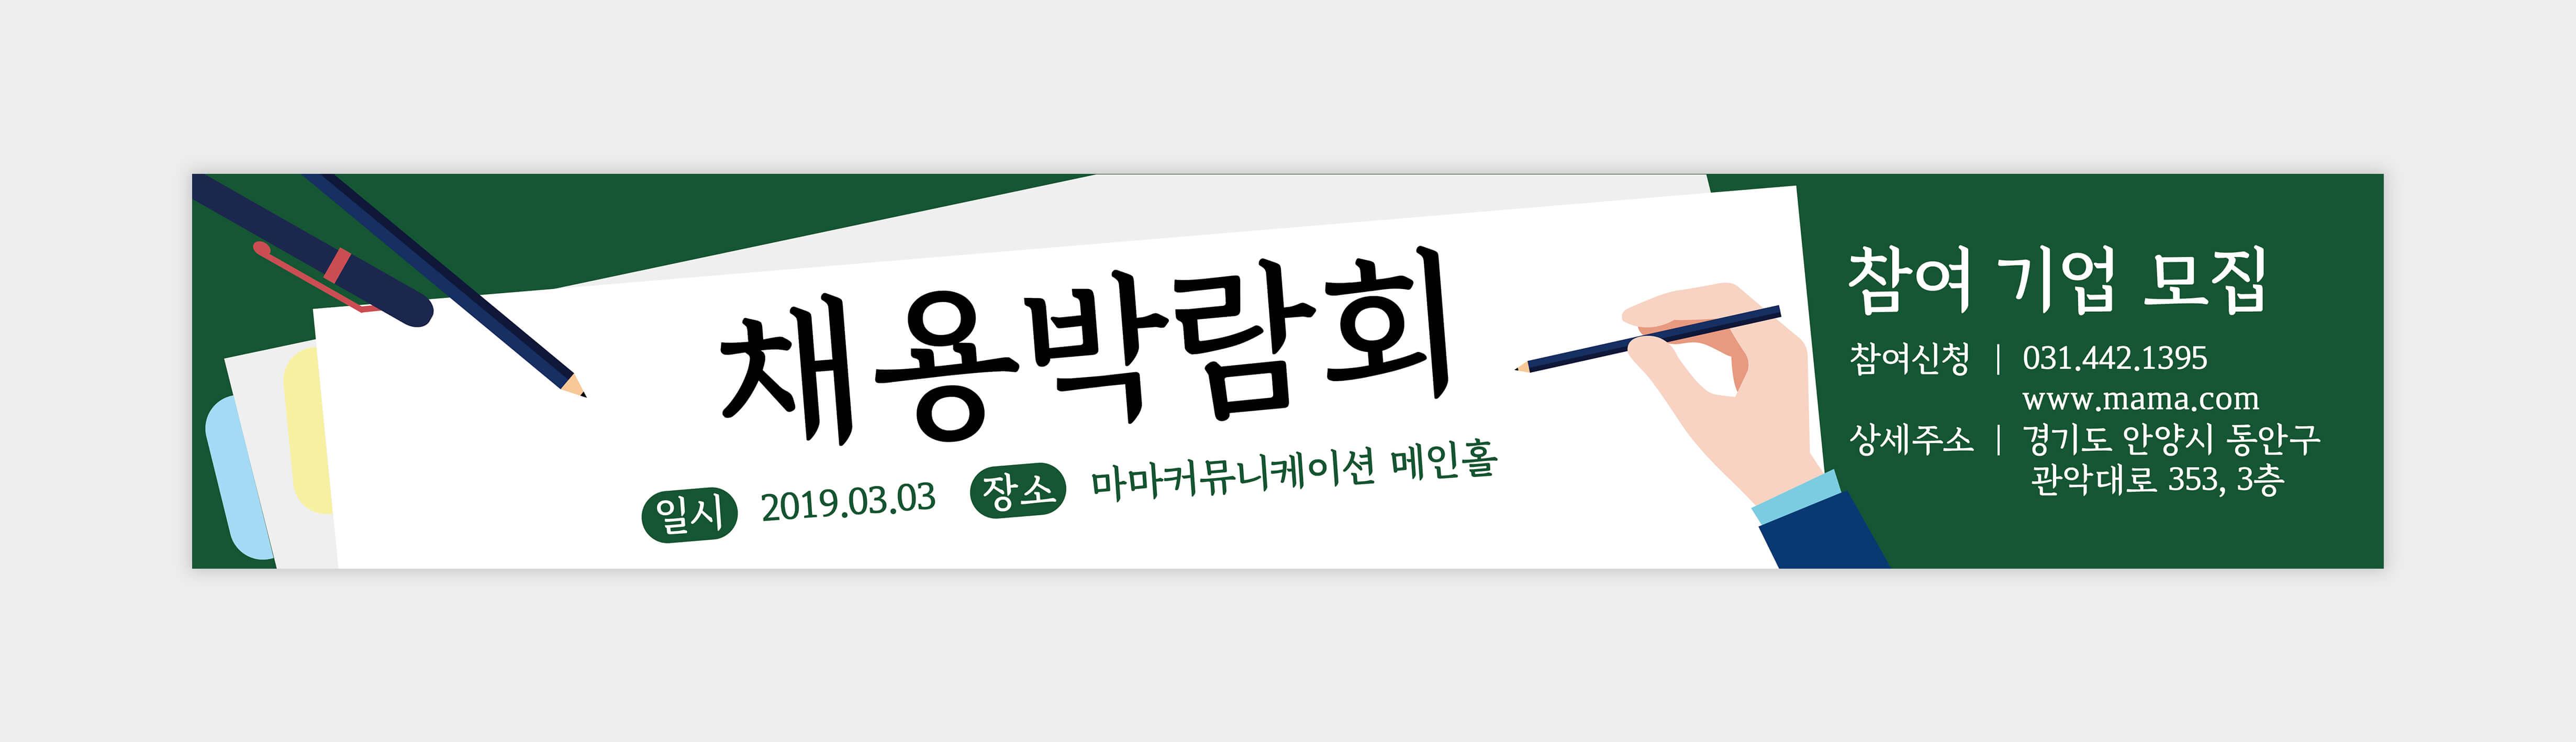 현수막_001